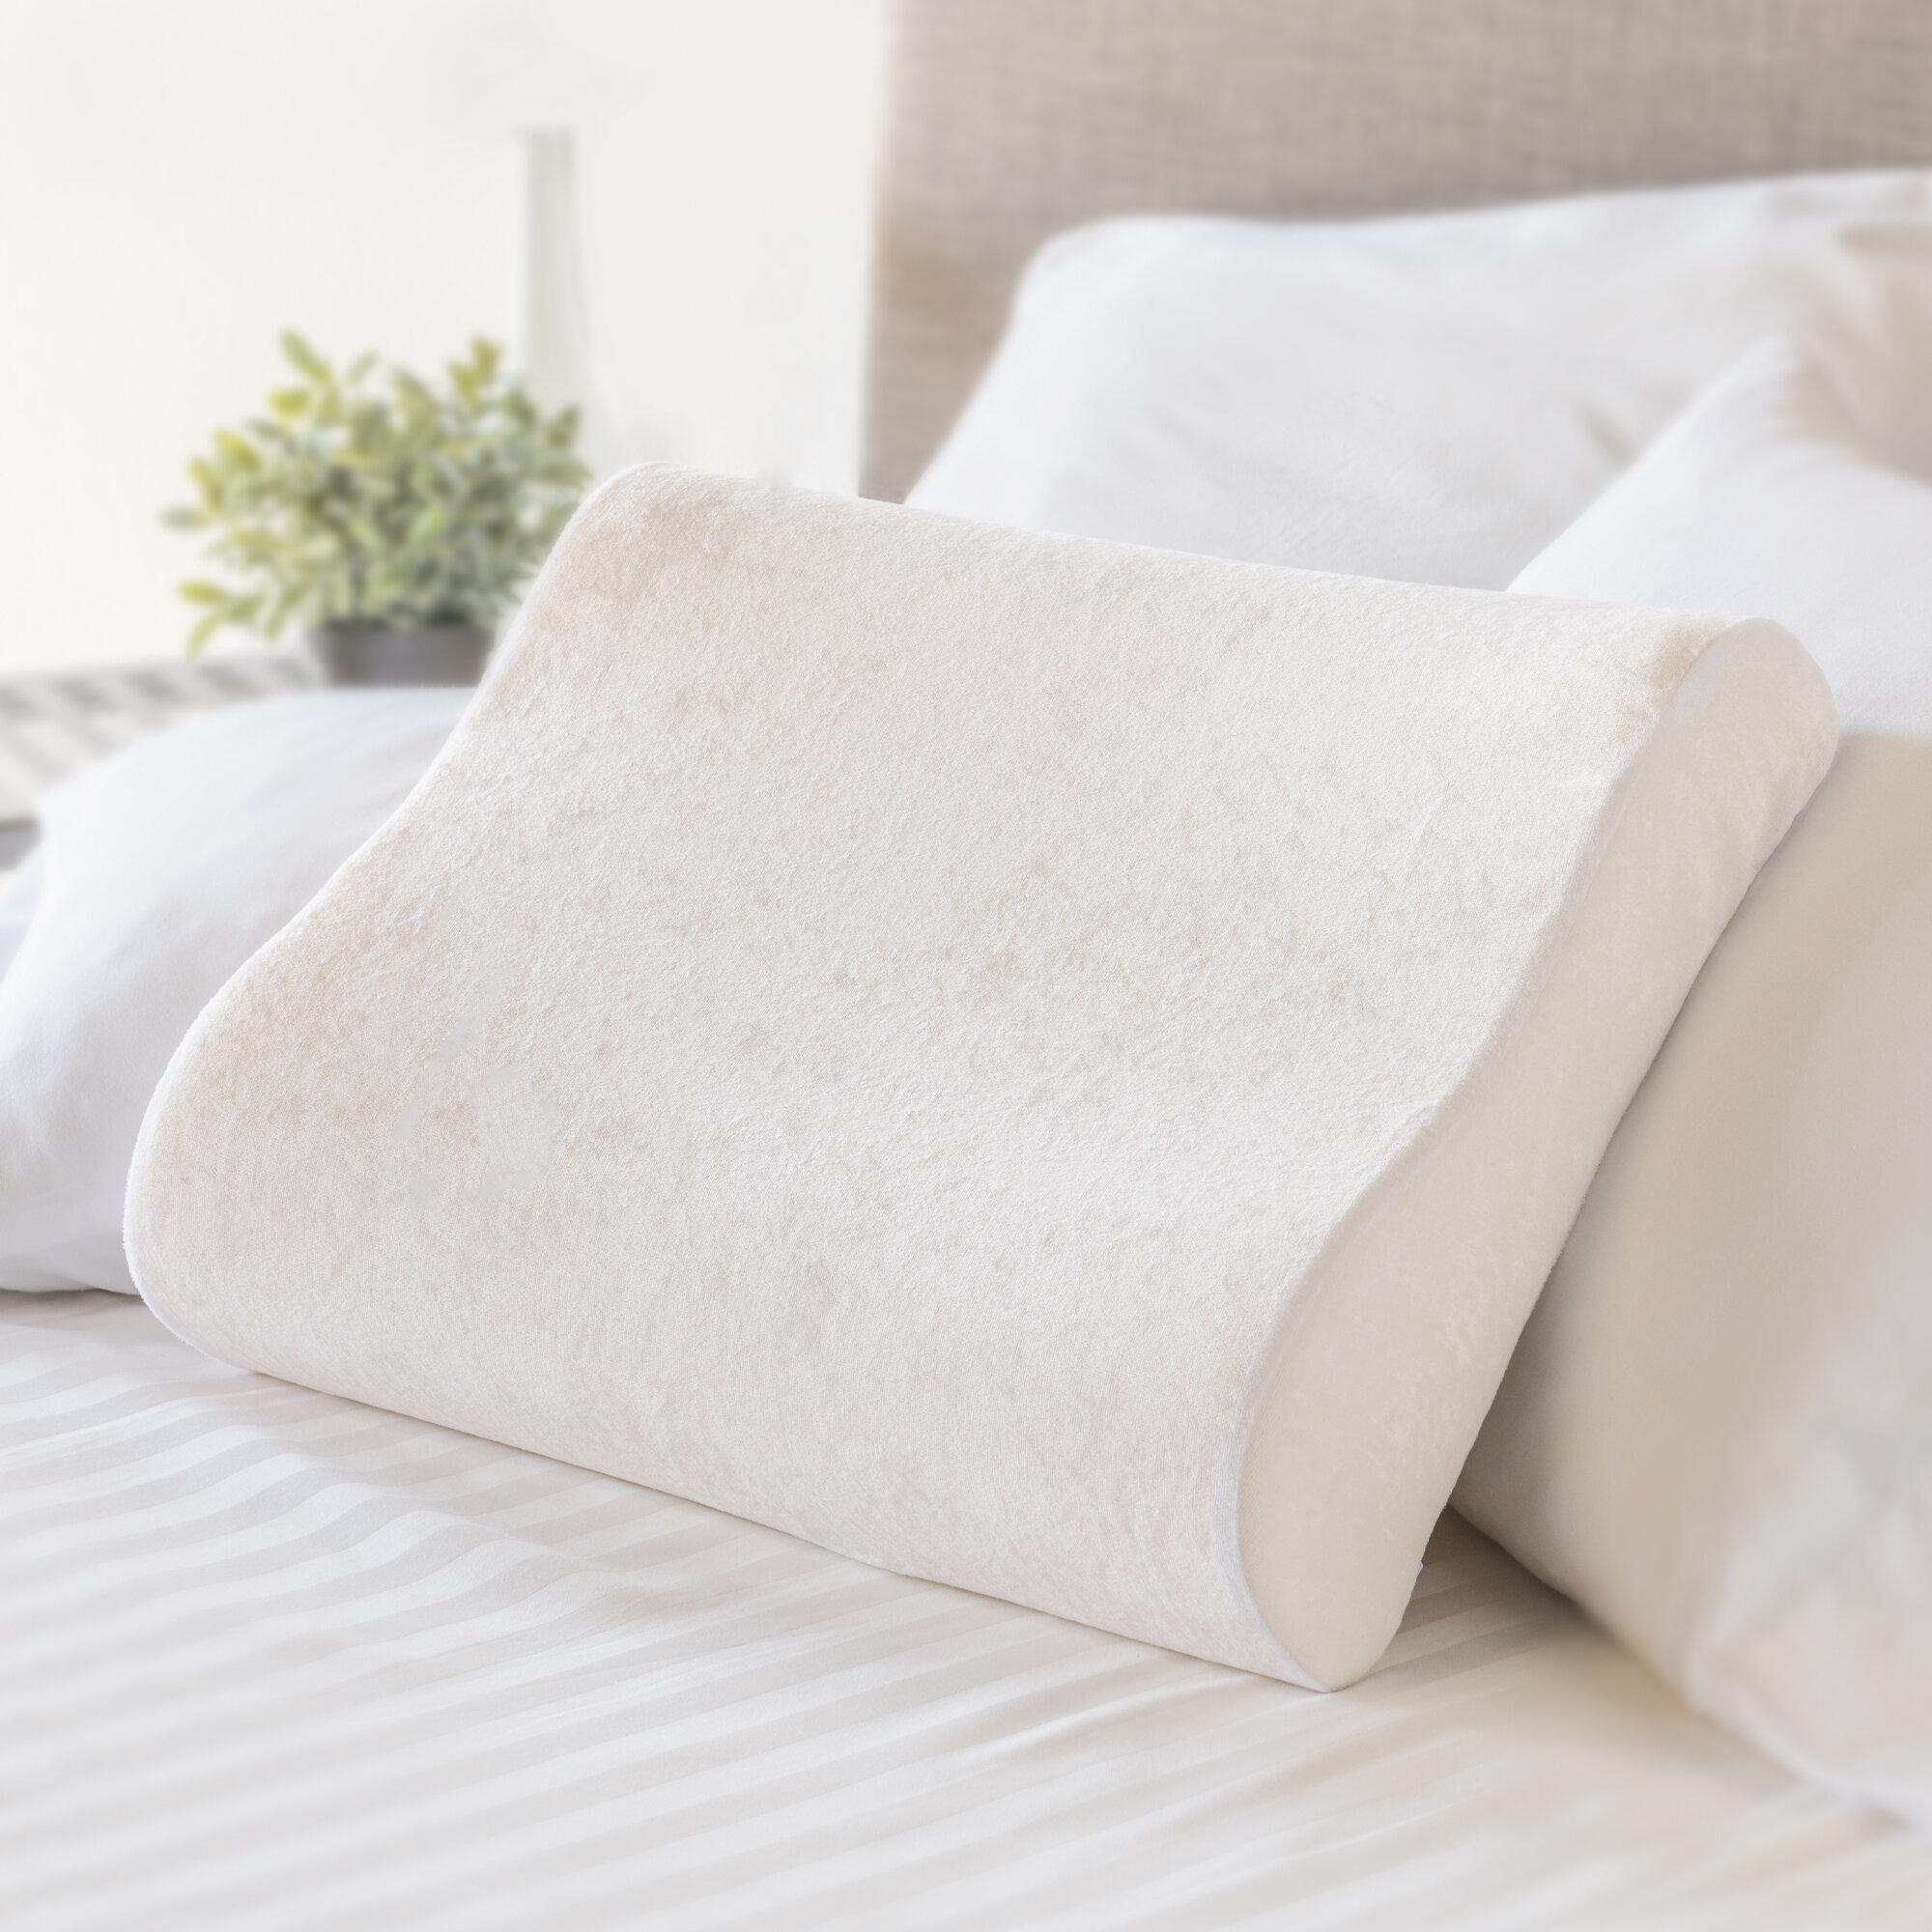 DIY Pillows MEMORY FOAM CONTOUR PILLOW